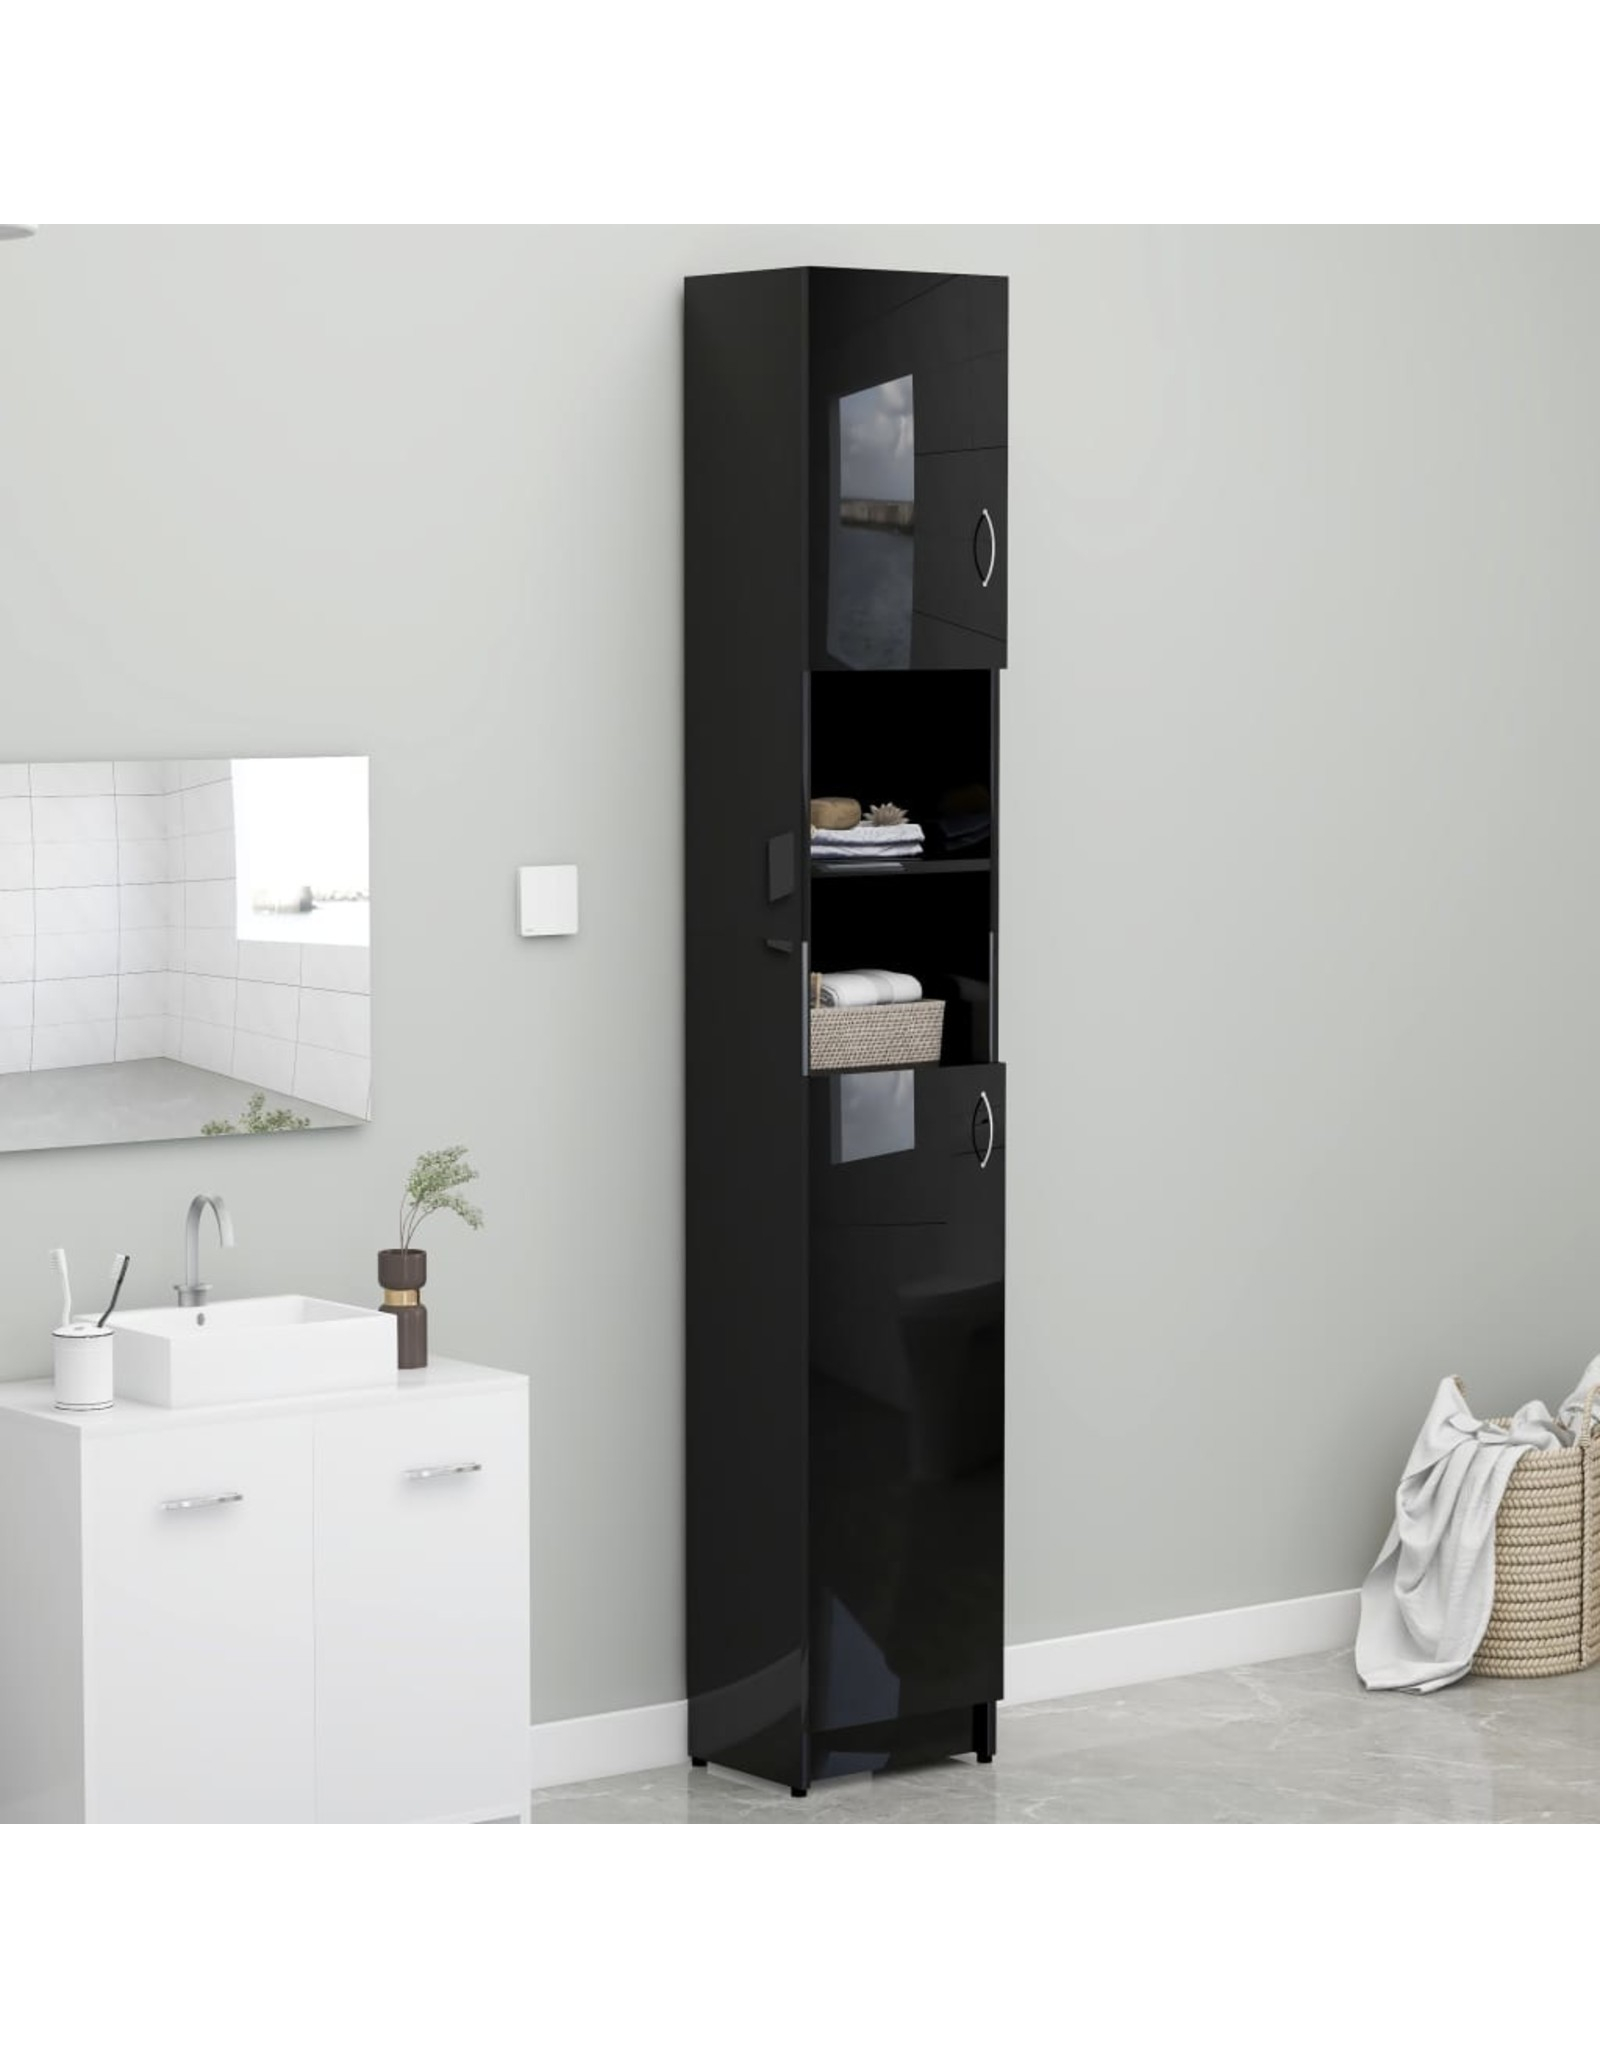 Badkamerkast 32x25,5x190 cm spaanplaat hoogglans zwart